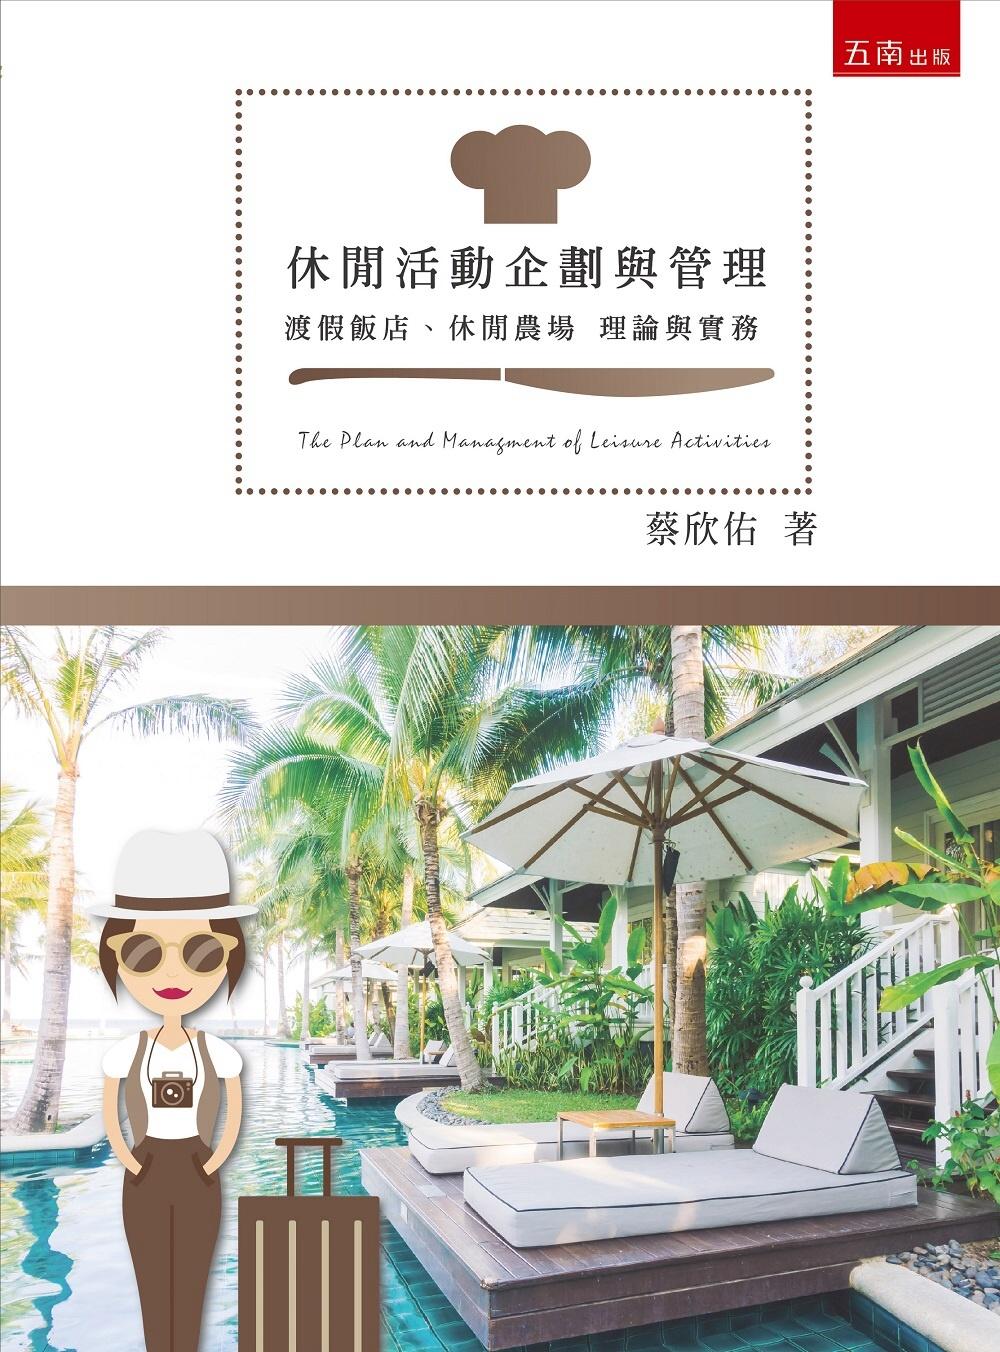 休閒活動企劃與管理:渡假飯店、休閒農場理論與實務